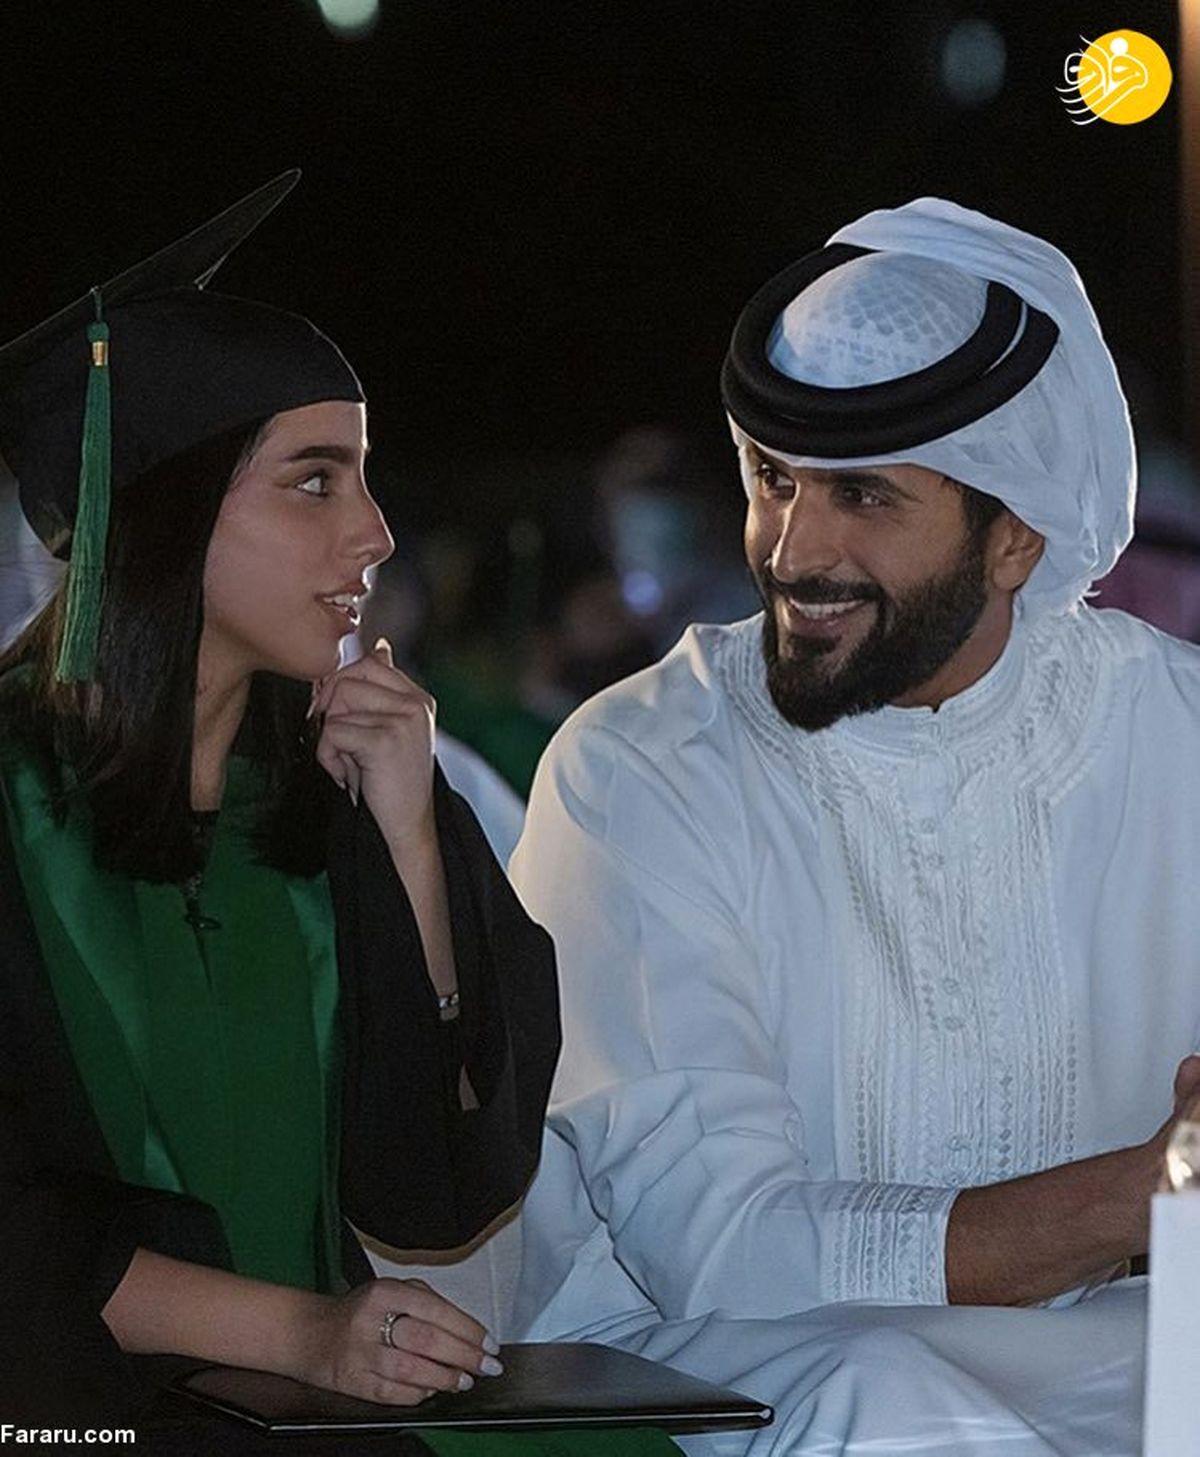 اولین تصاویر از دختر پادشاه بحرین +عکس